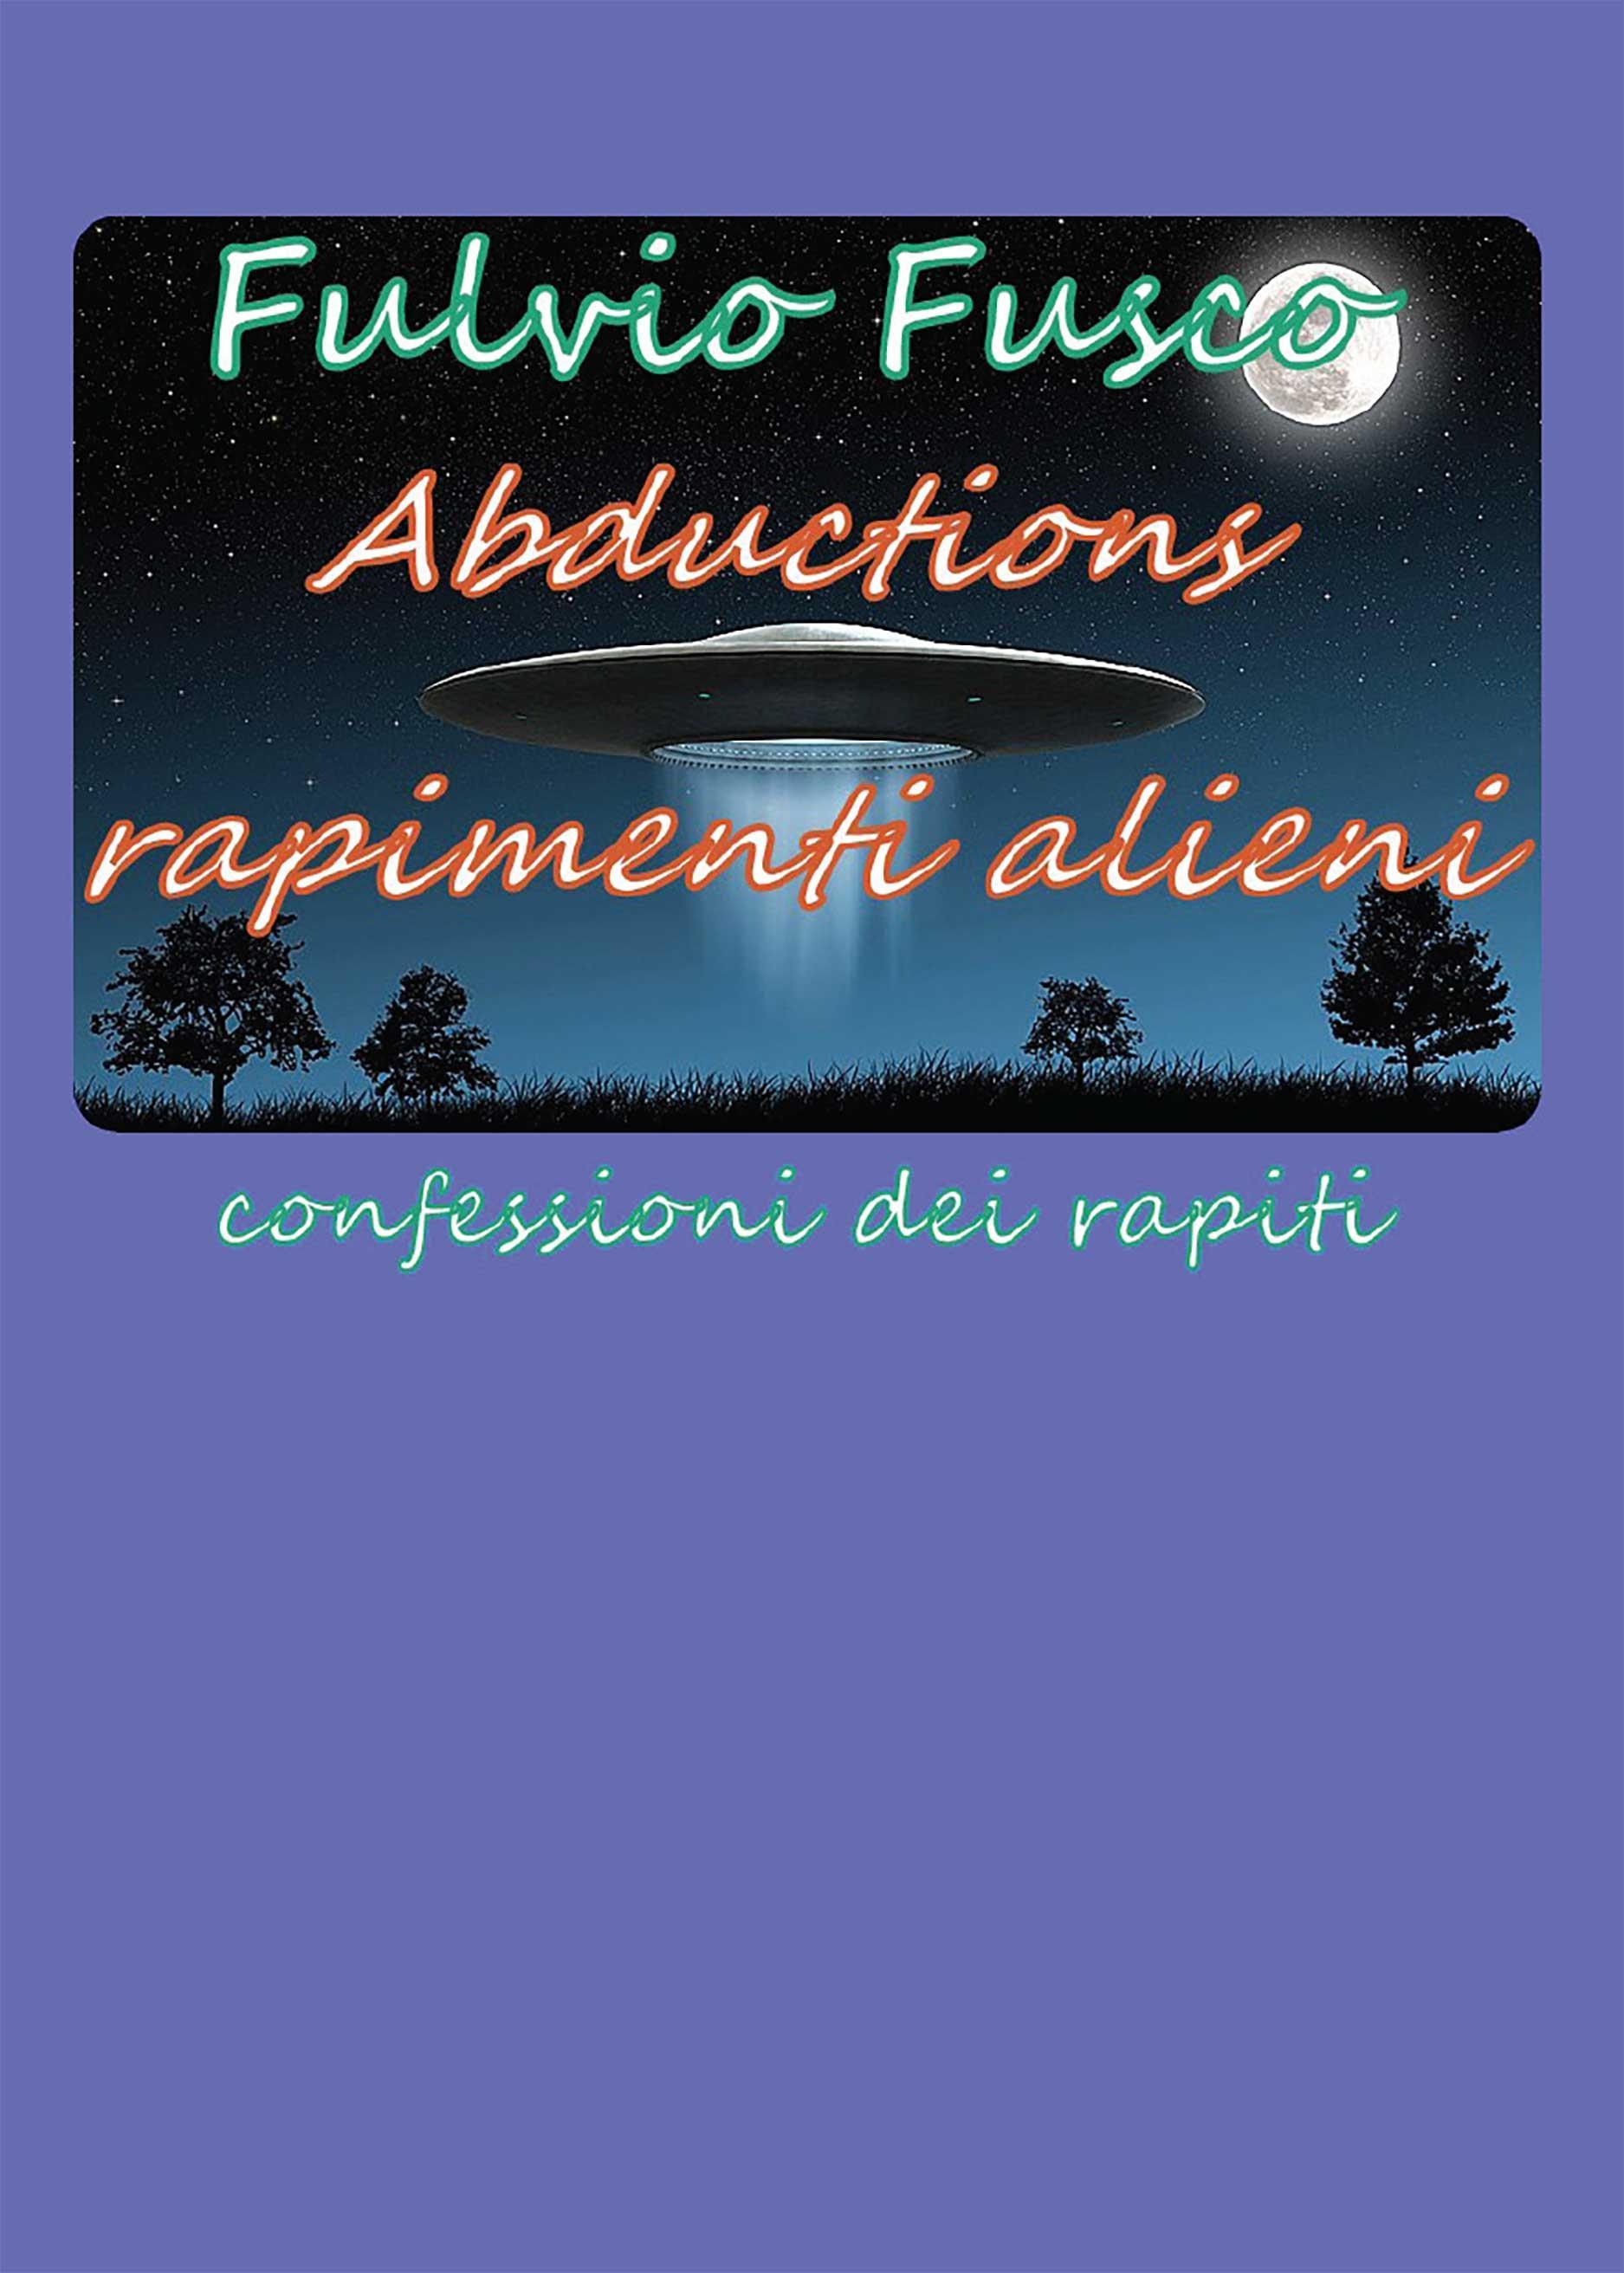 Abductions rapimenti alieni